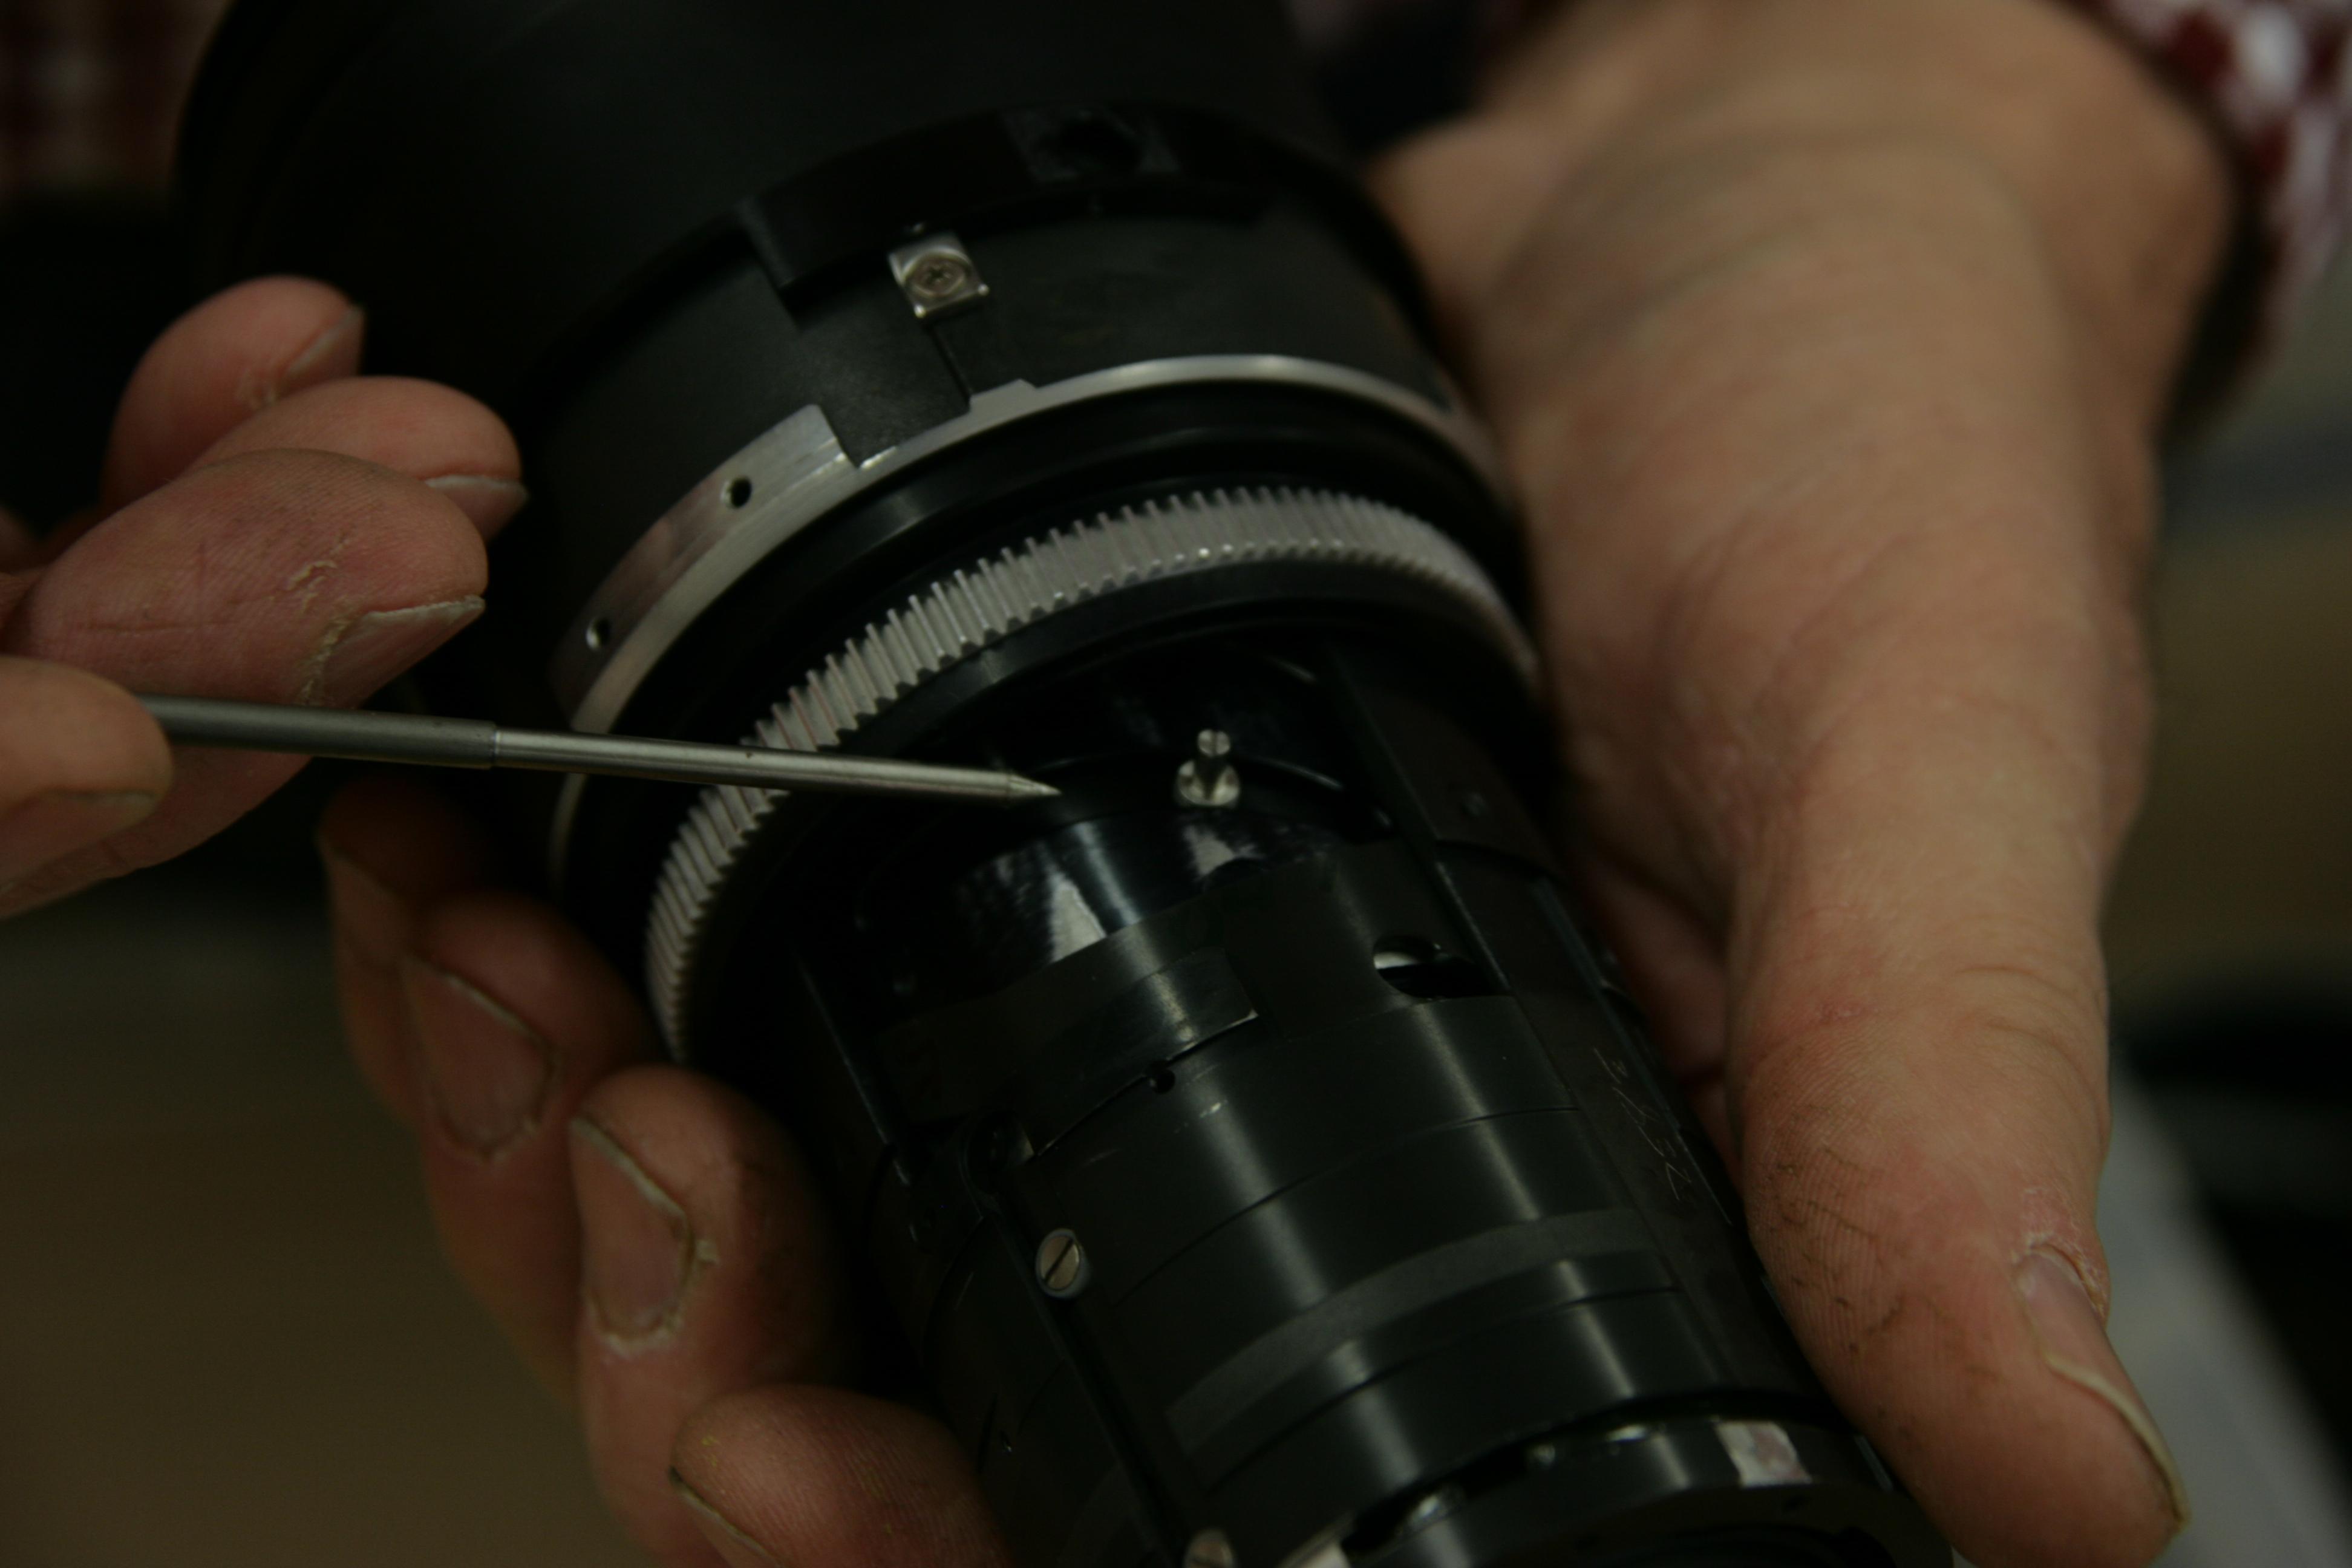 Lens hacking 3